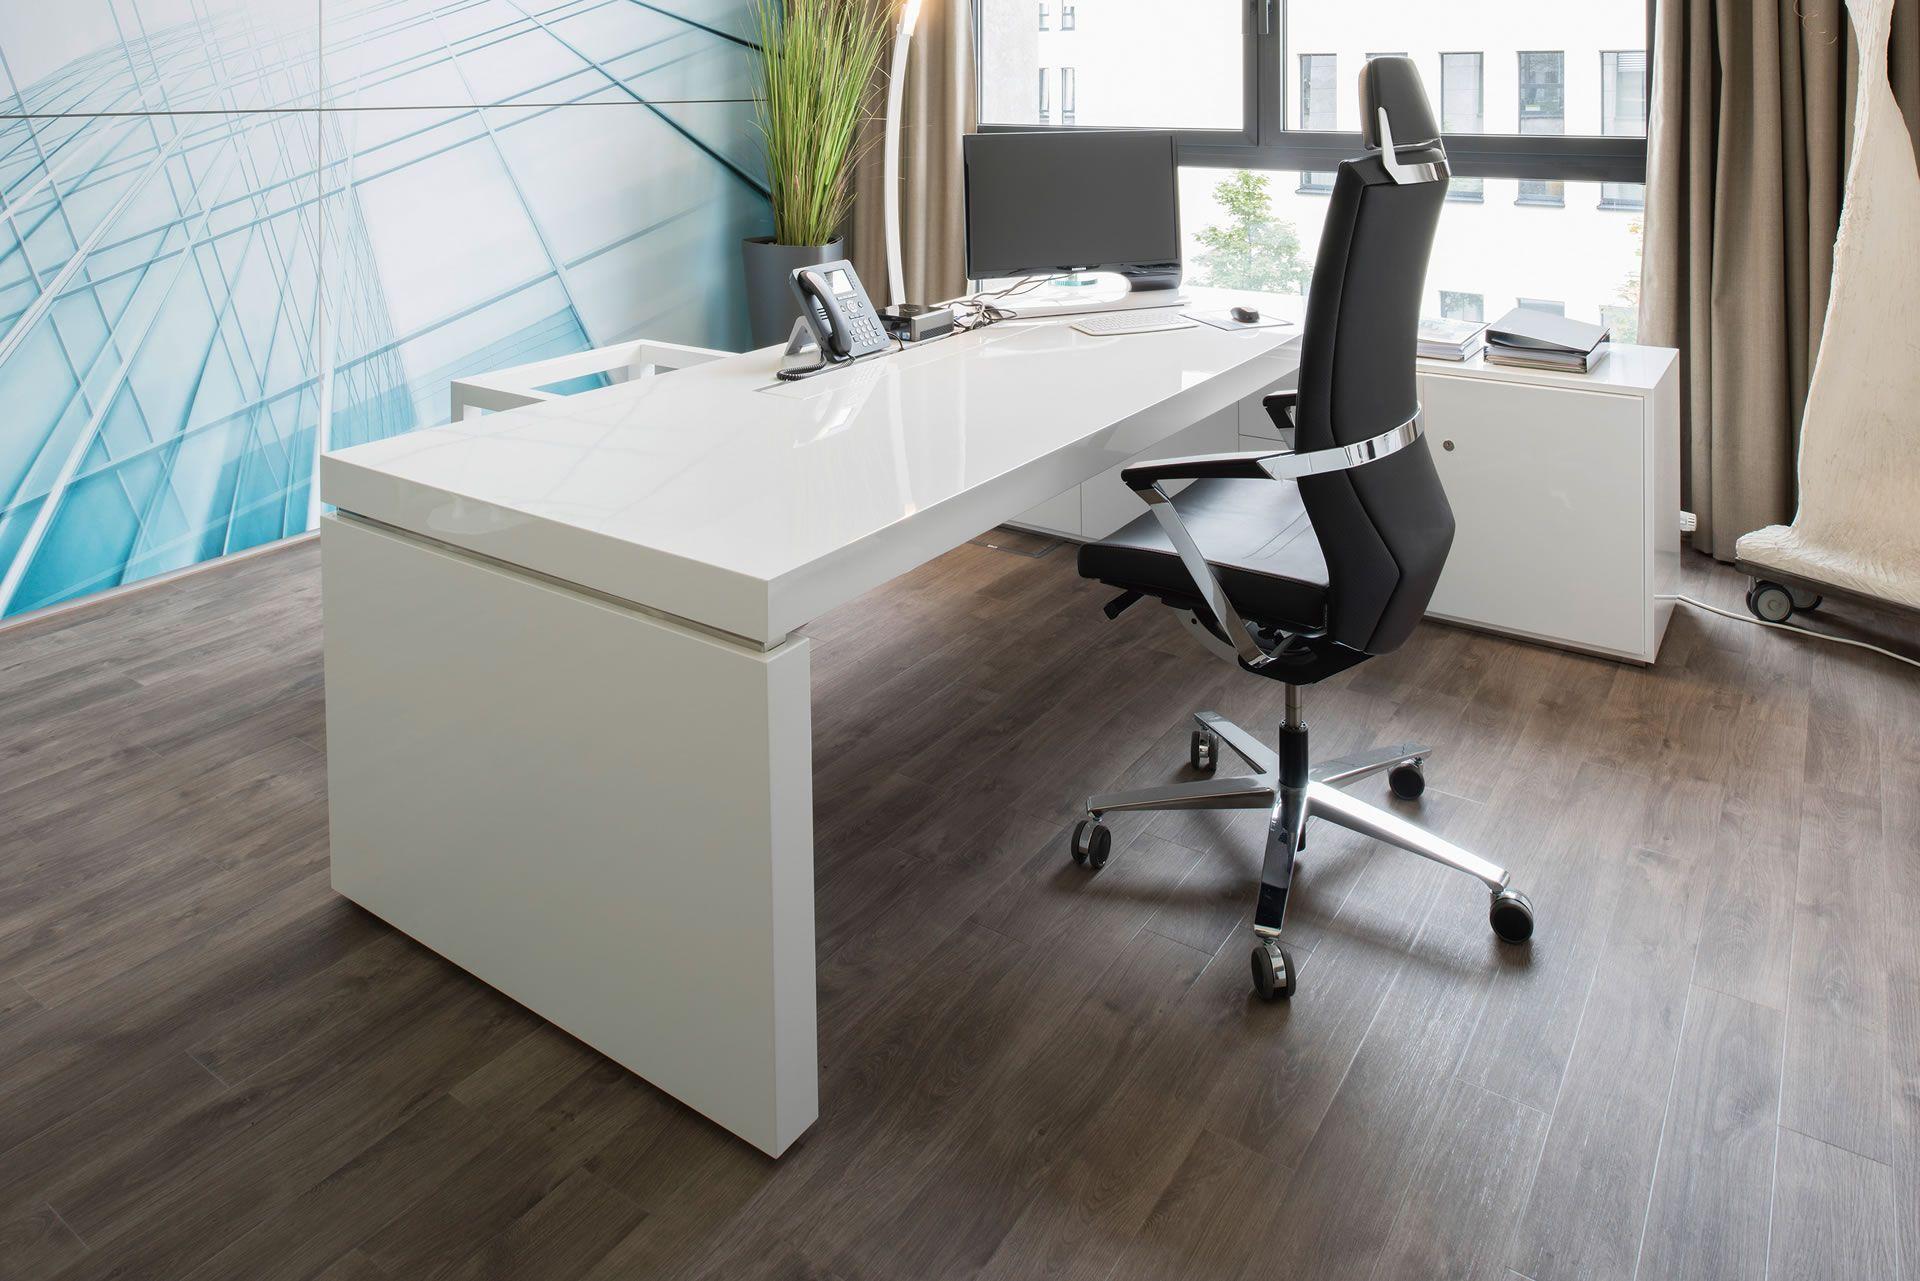 Büro-Schreibtisch PRAEFECTUS preis ▭ modern Büro-schreibtische von ...